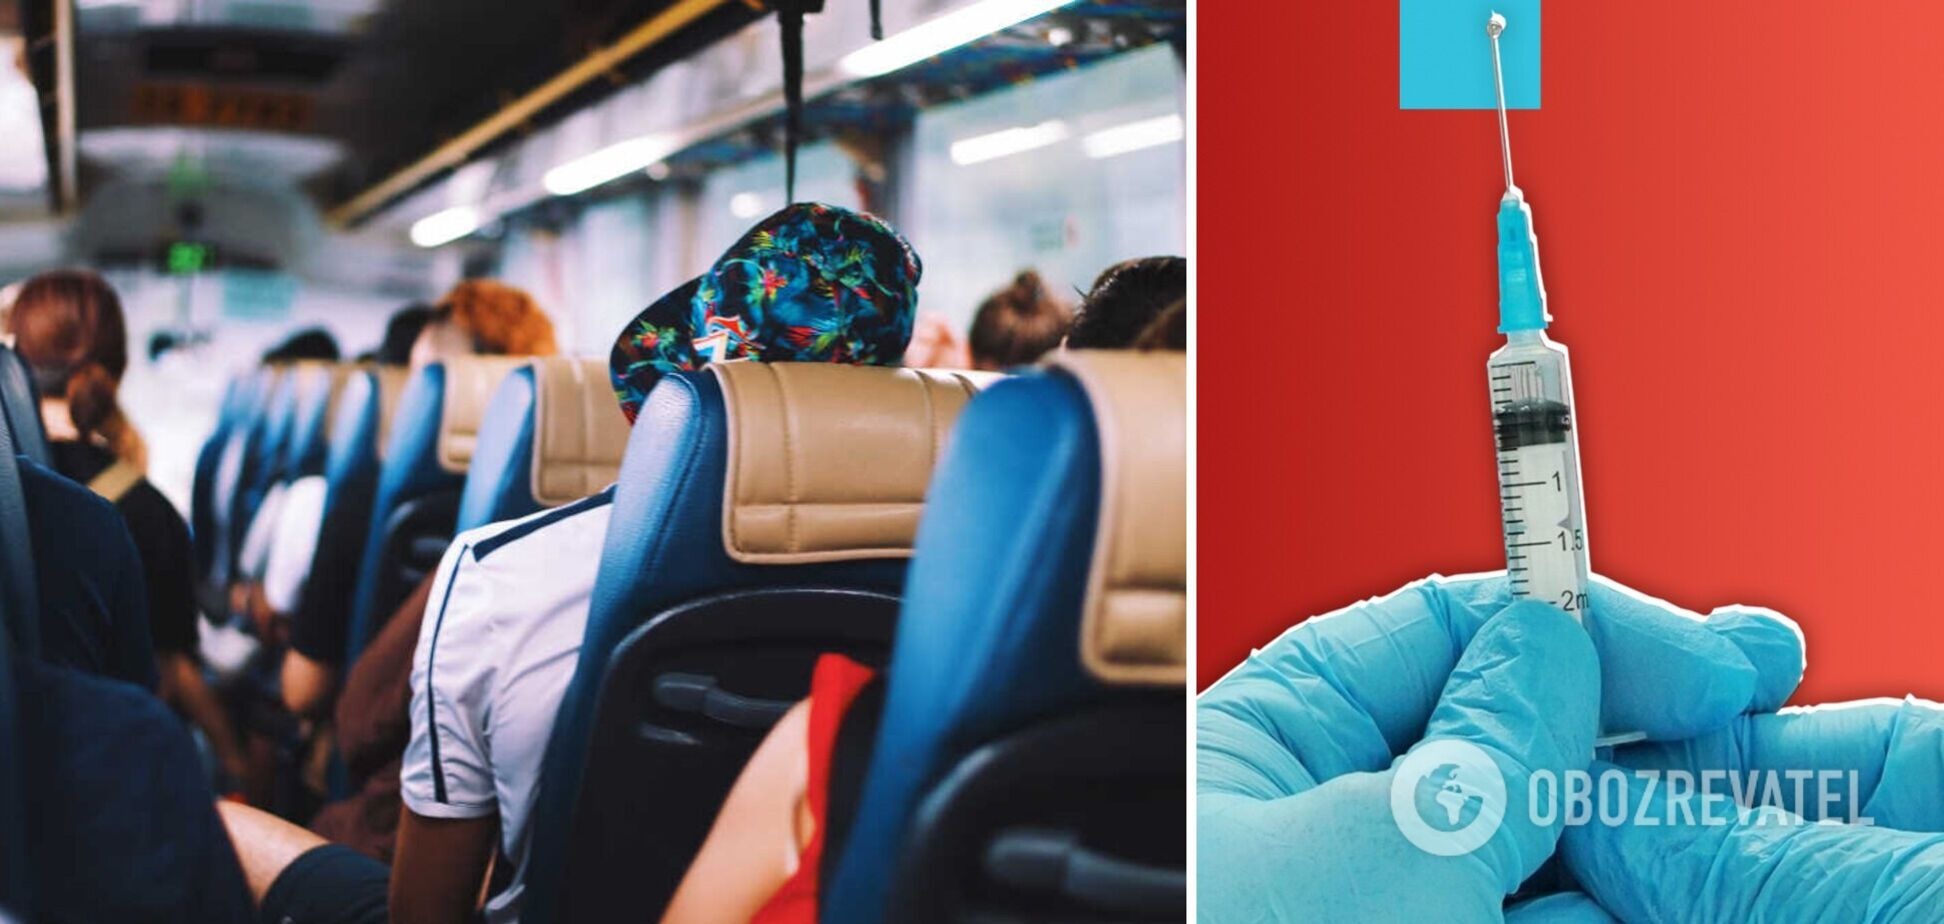 Кабмін посилив обмеження для поїздок у громадському транспорті: невакцинованих не пустять в автобуси і поїзди